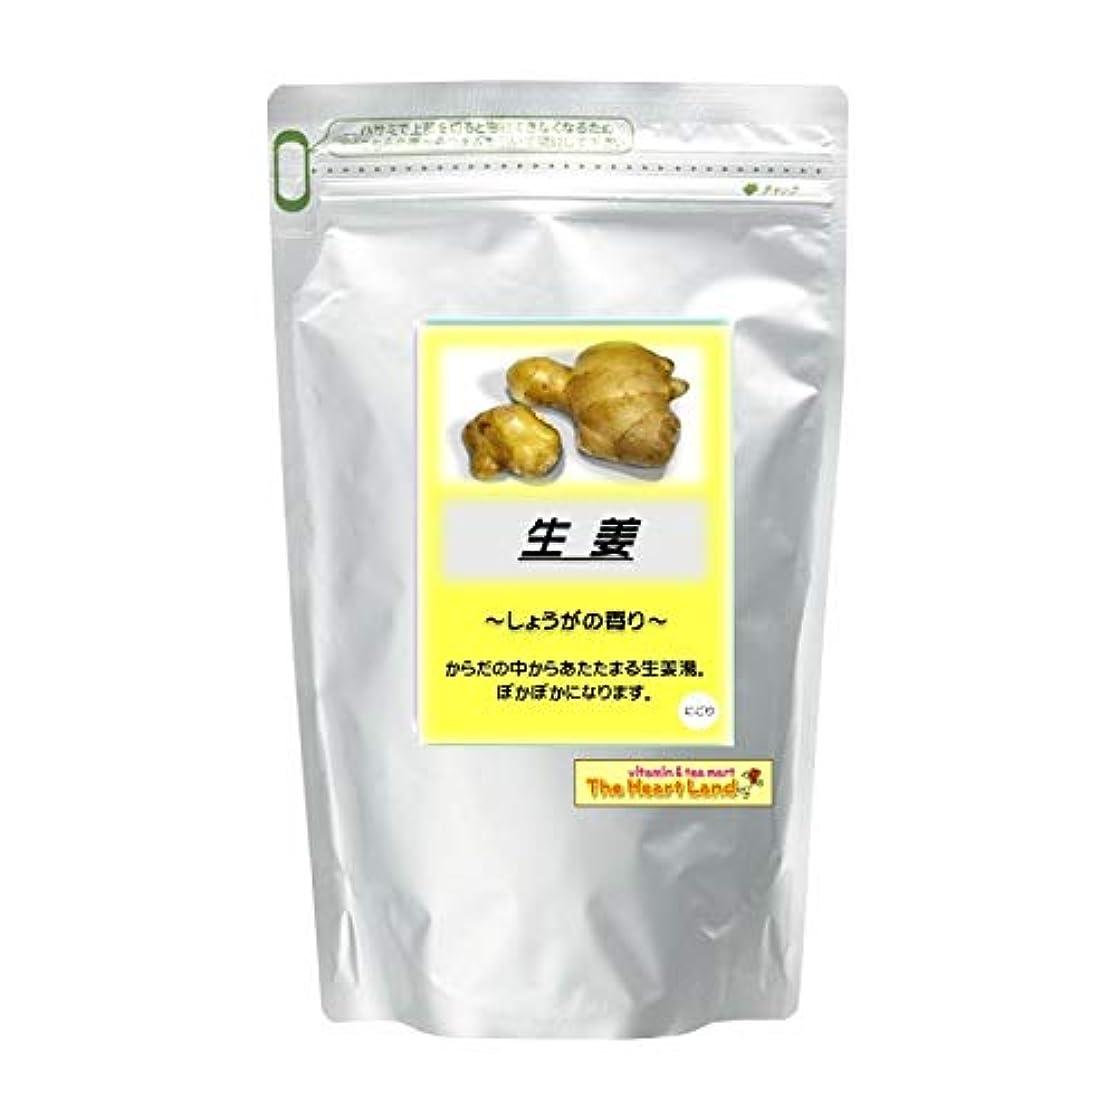 スペイン申請中細分化するアサヒ入浴剤 浴用入浴化粧品 生姜 2.5kg